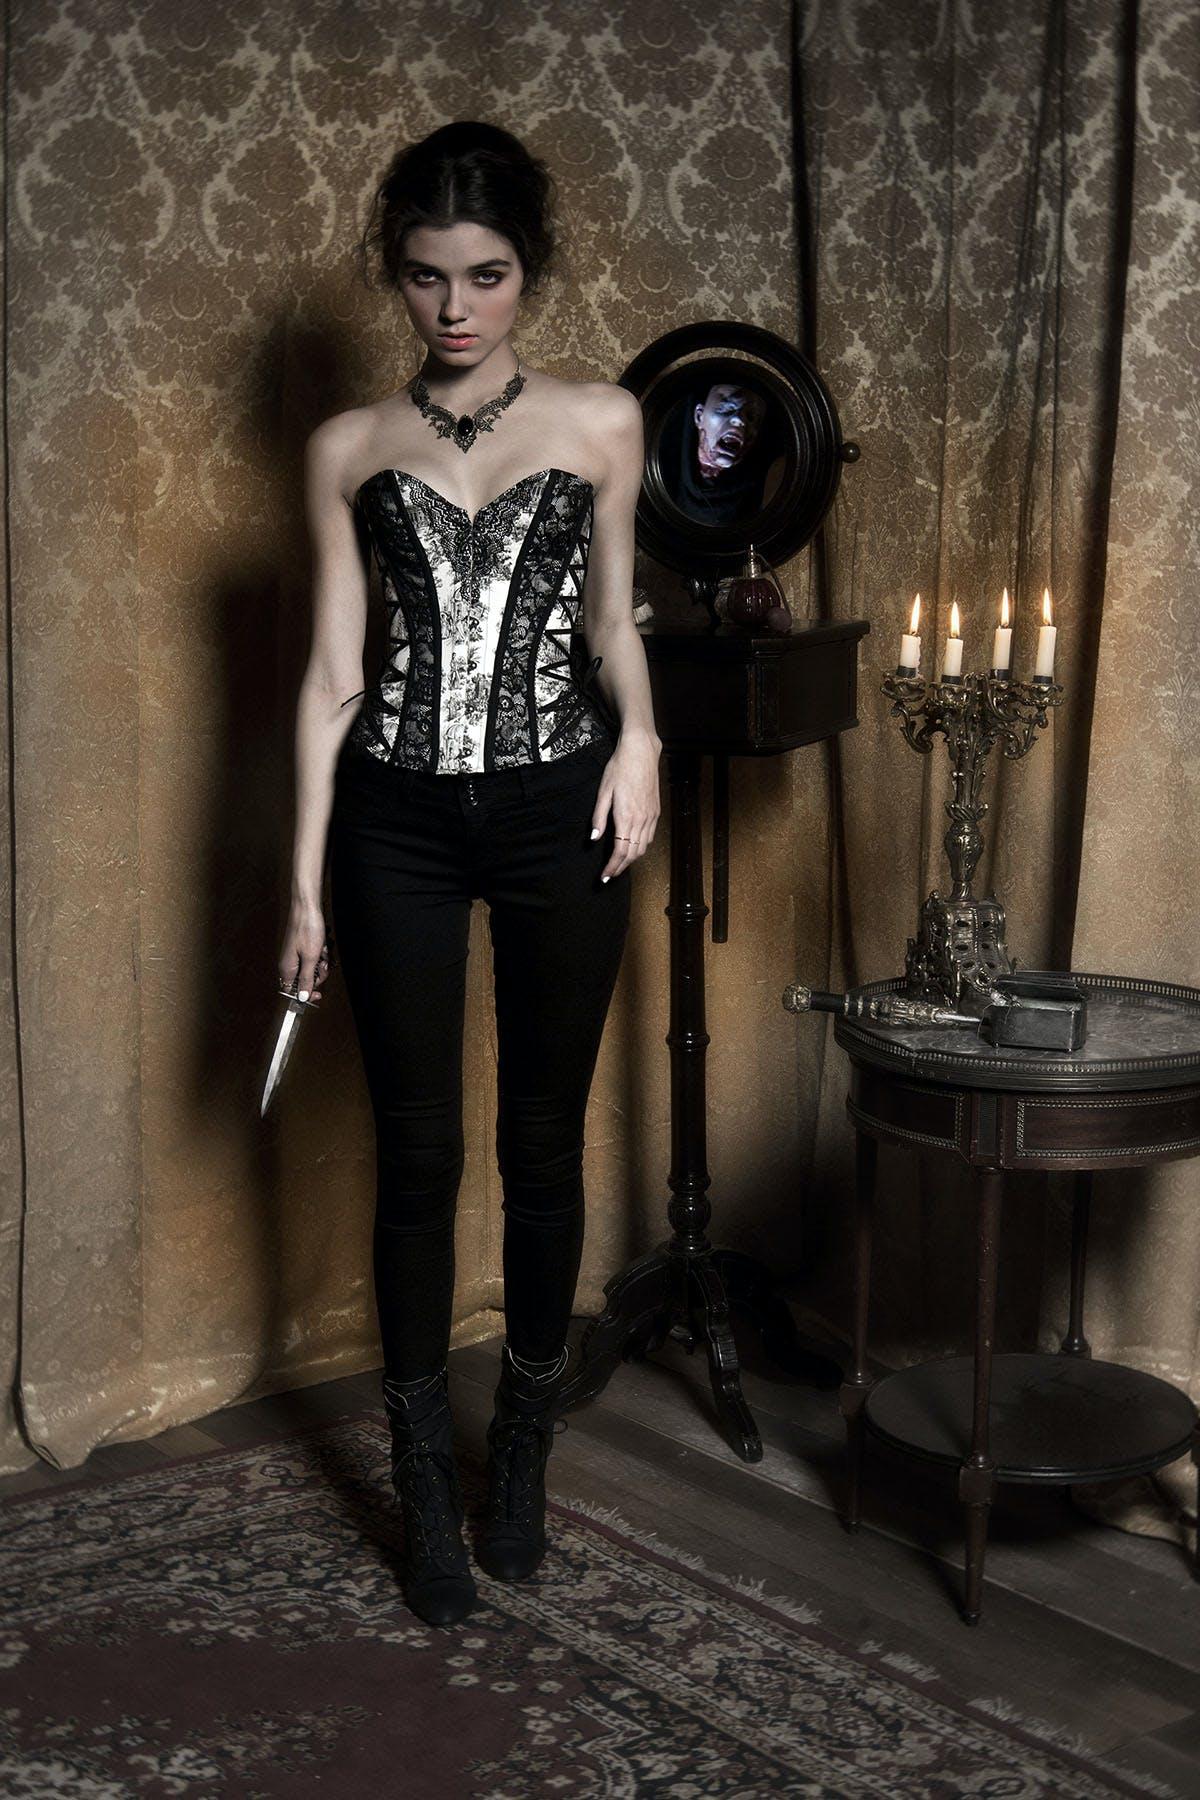 Lace-up corset ($59.50)